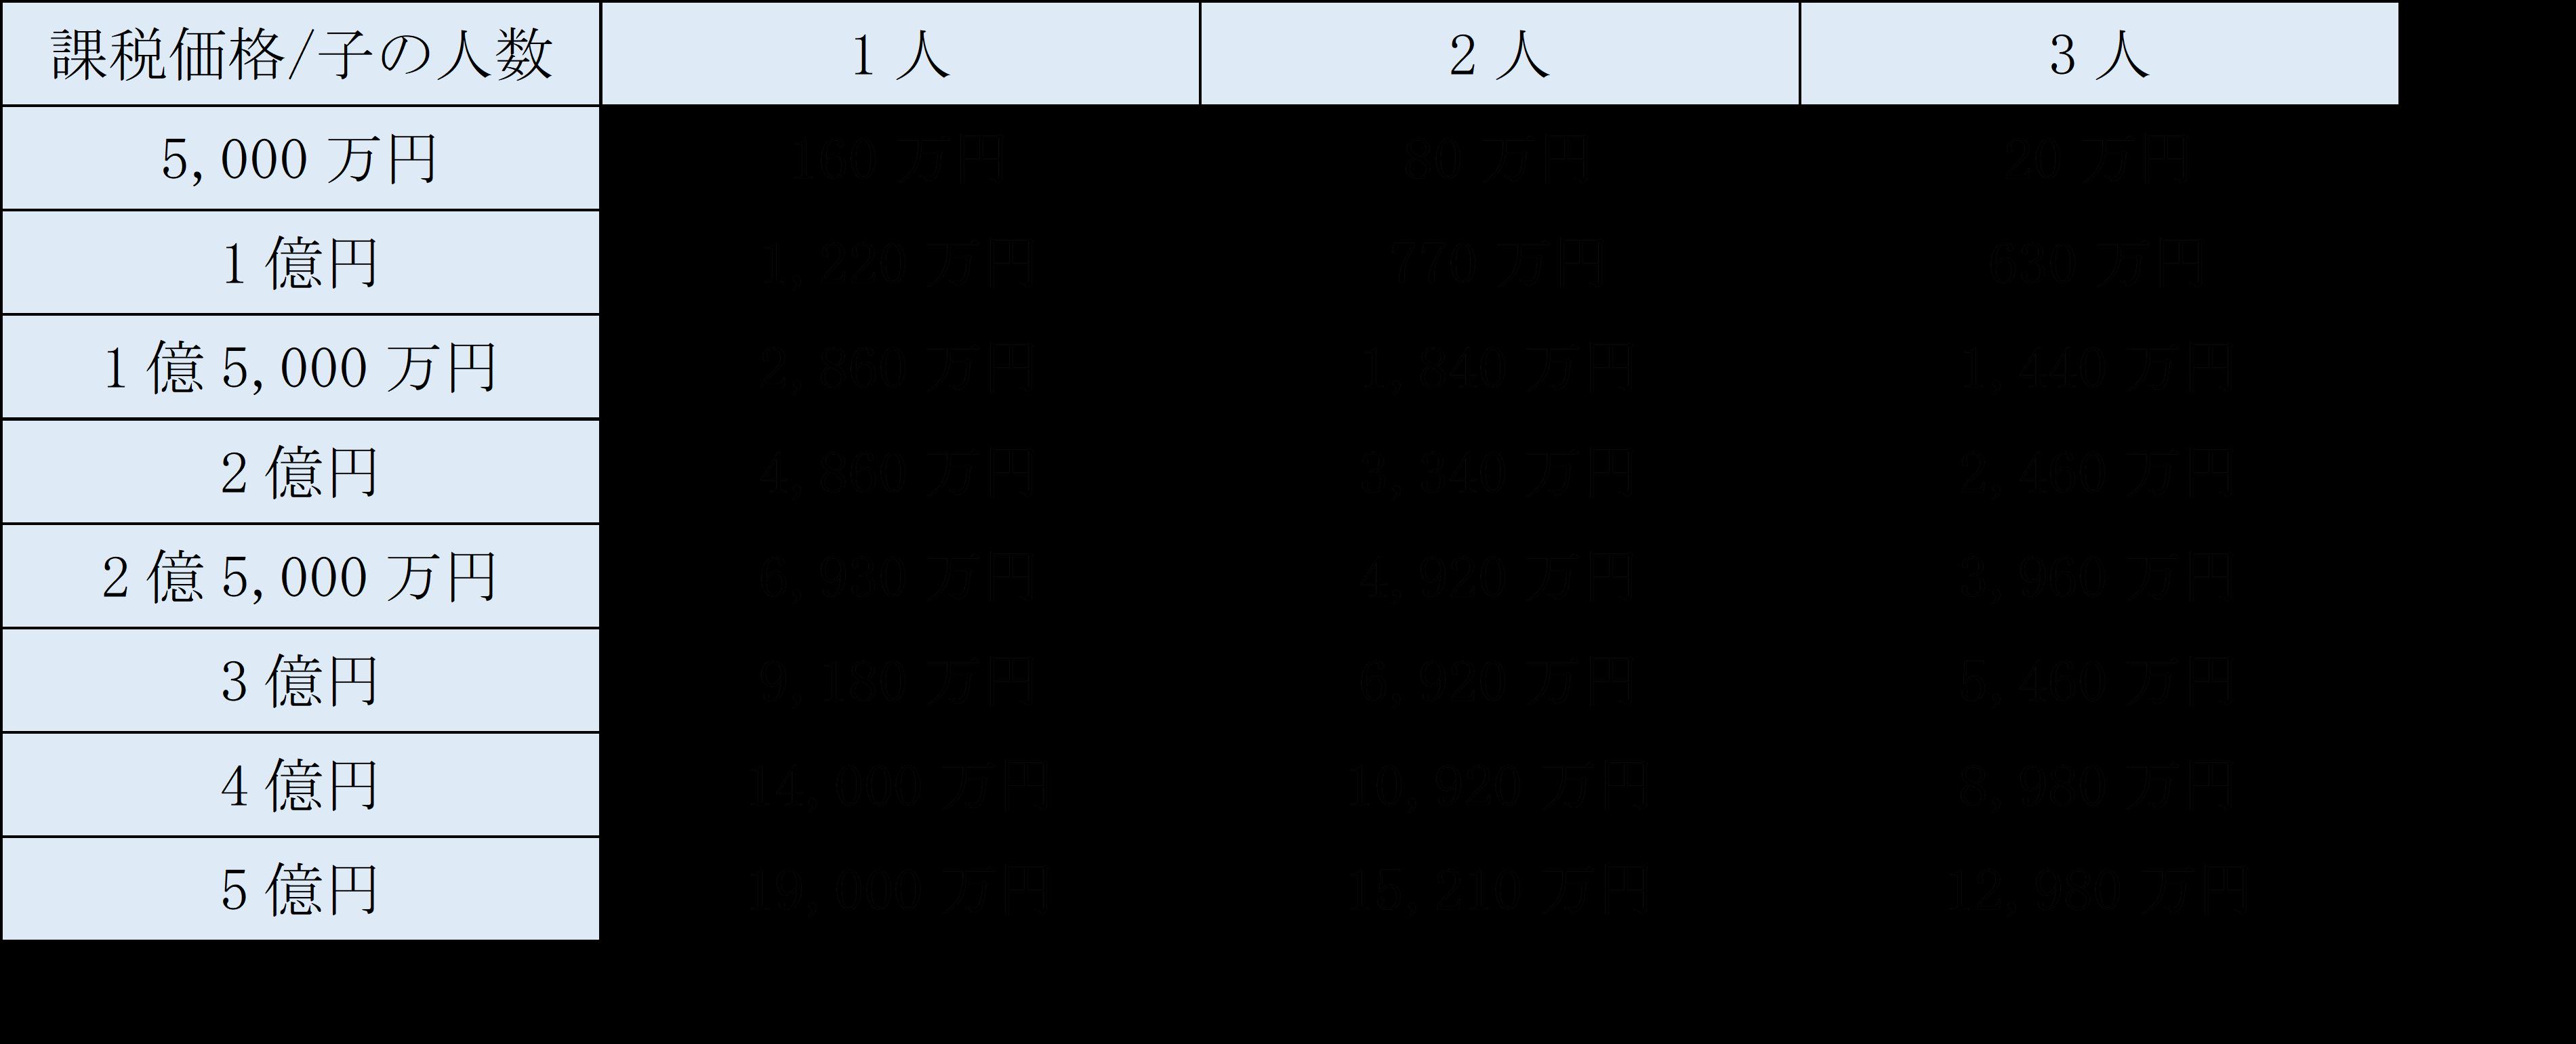 配偶者無しの法定相続人が子のみの場合のおおまかな相続税の金額表.png